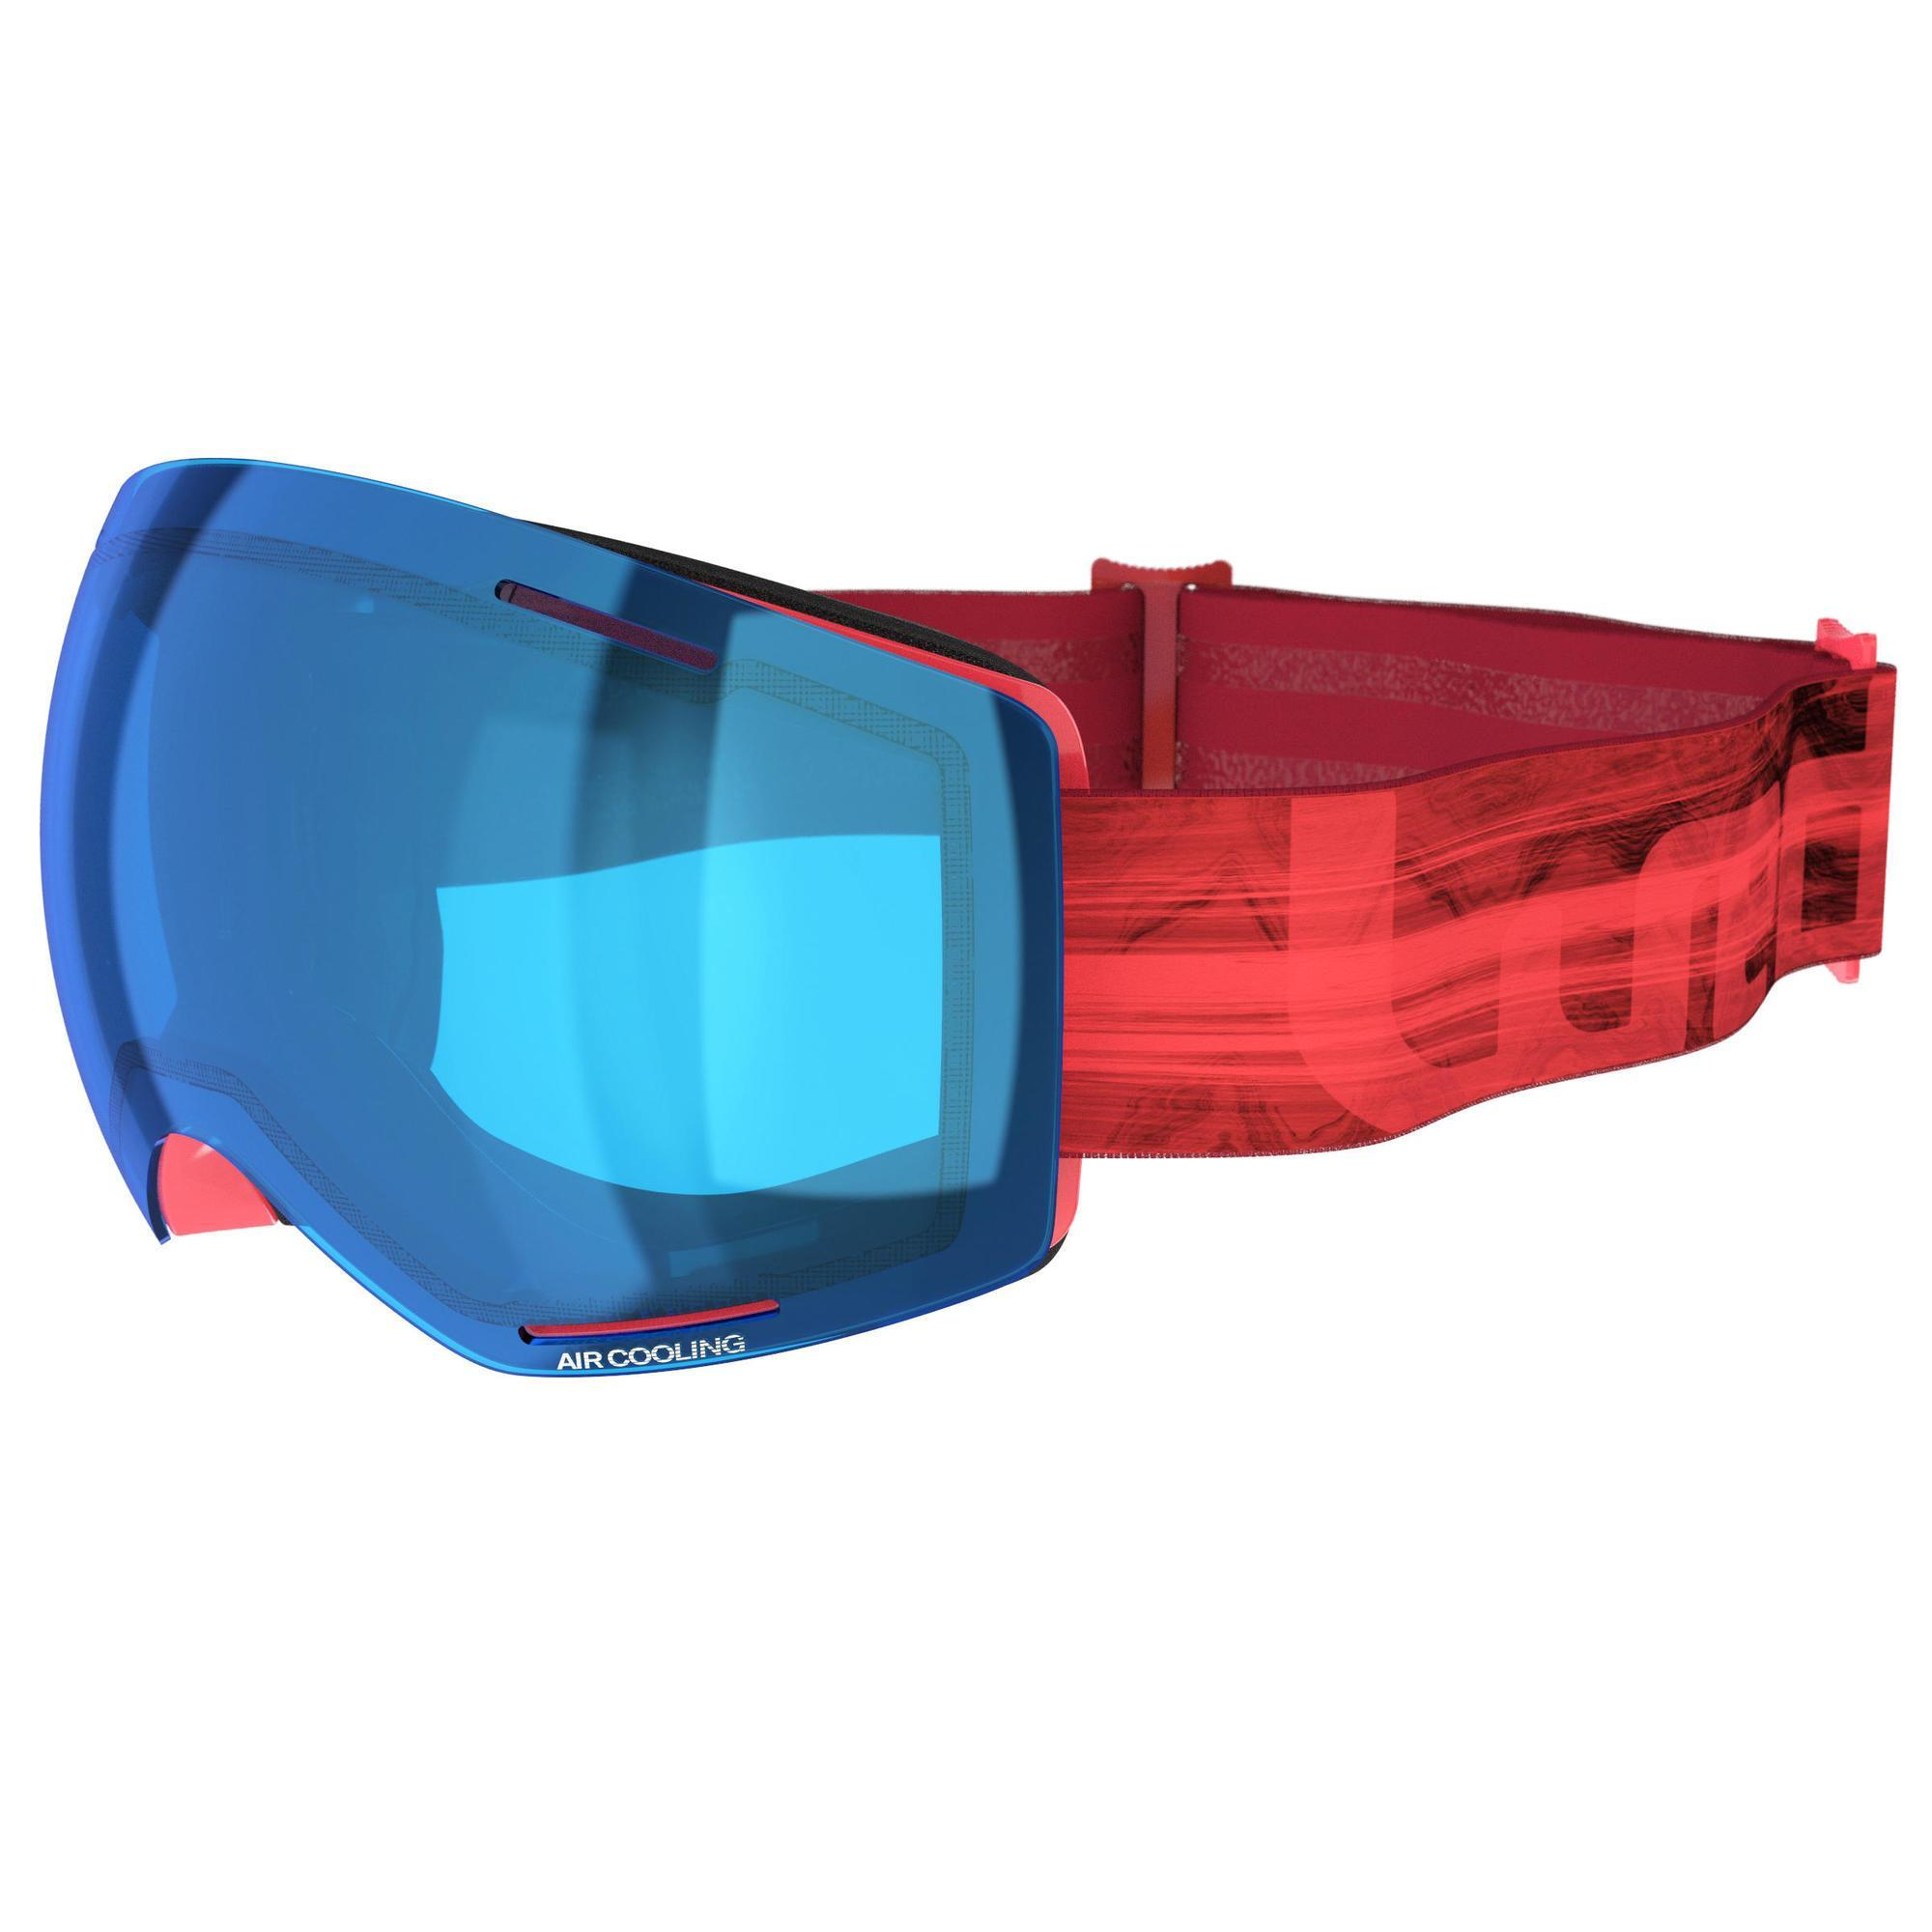 e81f80a02b Comprar Gafas de Esquí y Máscaras online | Decathlon